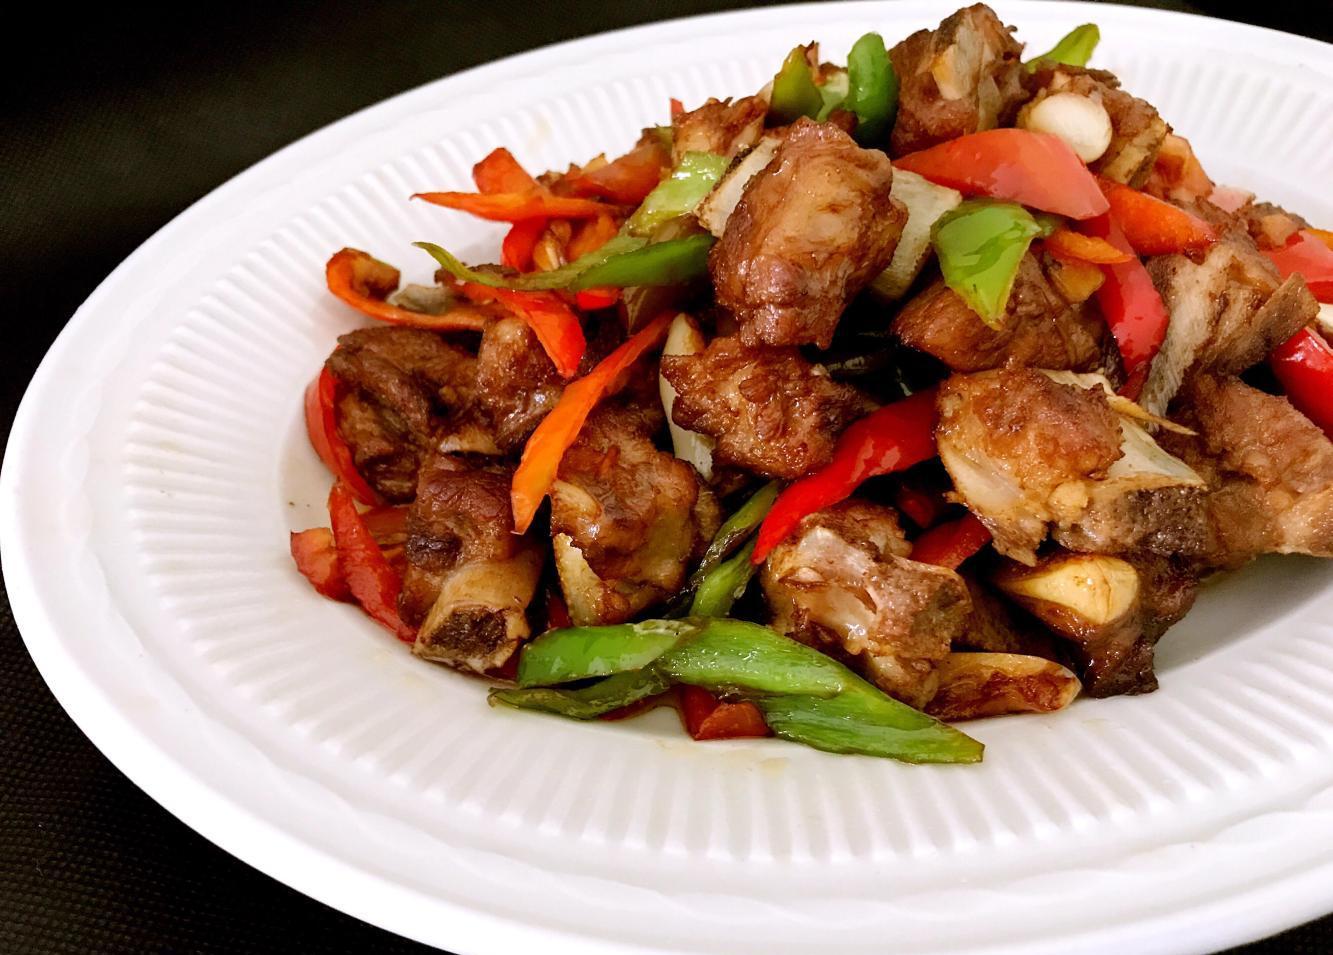 辣椒炒平菇的芹菜排骨能和做法炒嘛图片